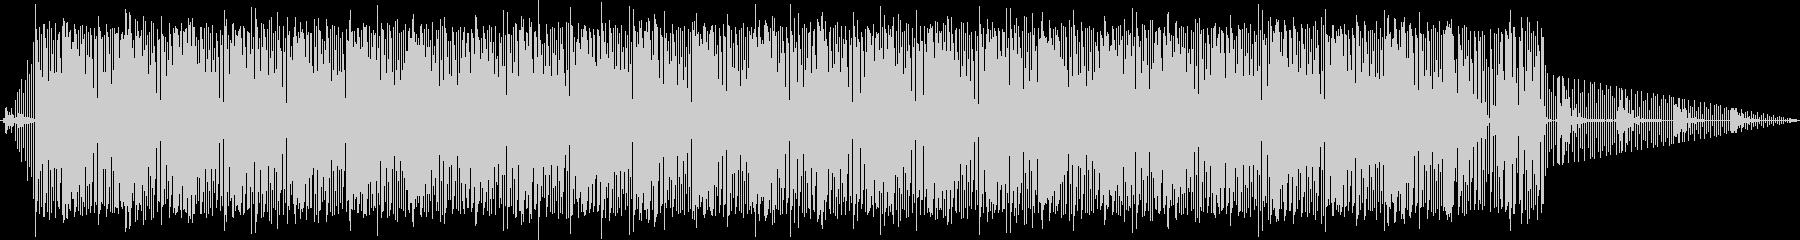 淡々としたリズムスタイルBGMの未再生の波形